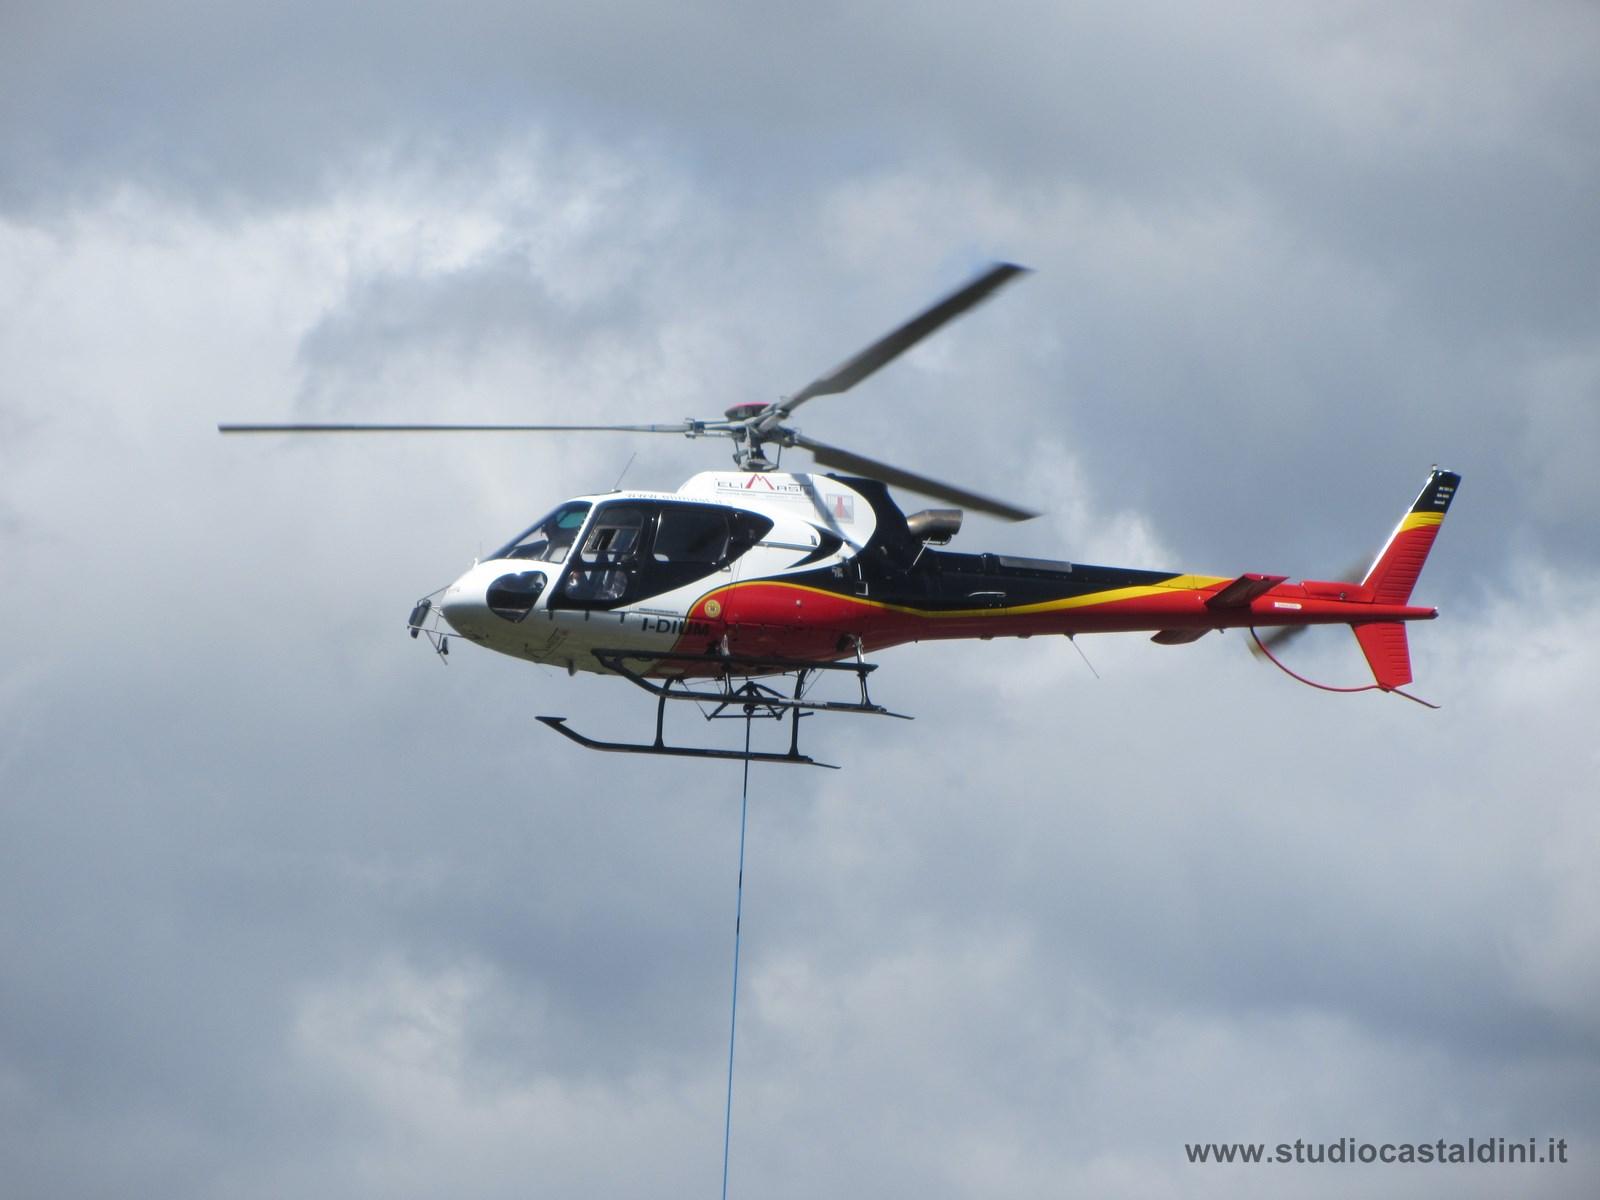 Elicottero Ecureuil B3 in azione.